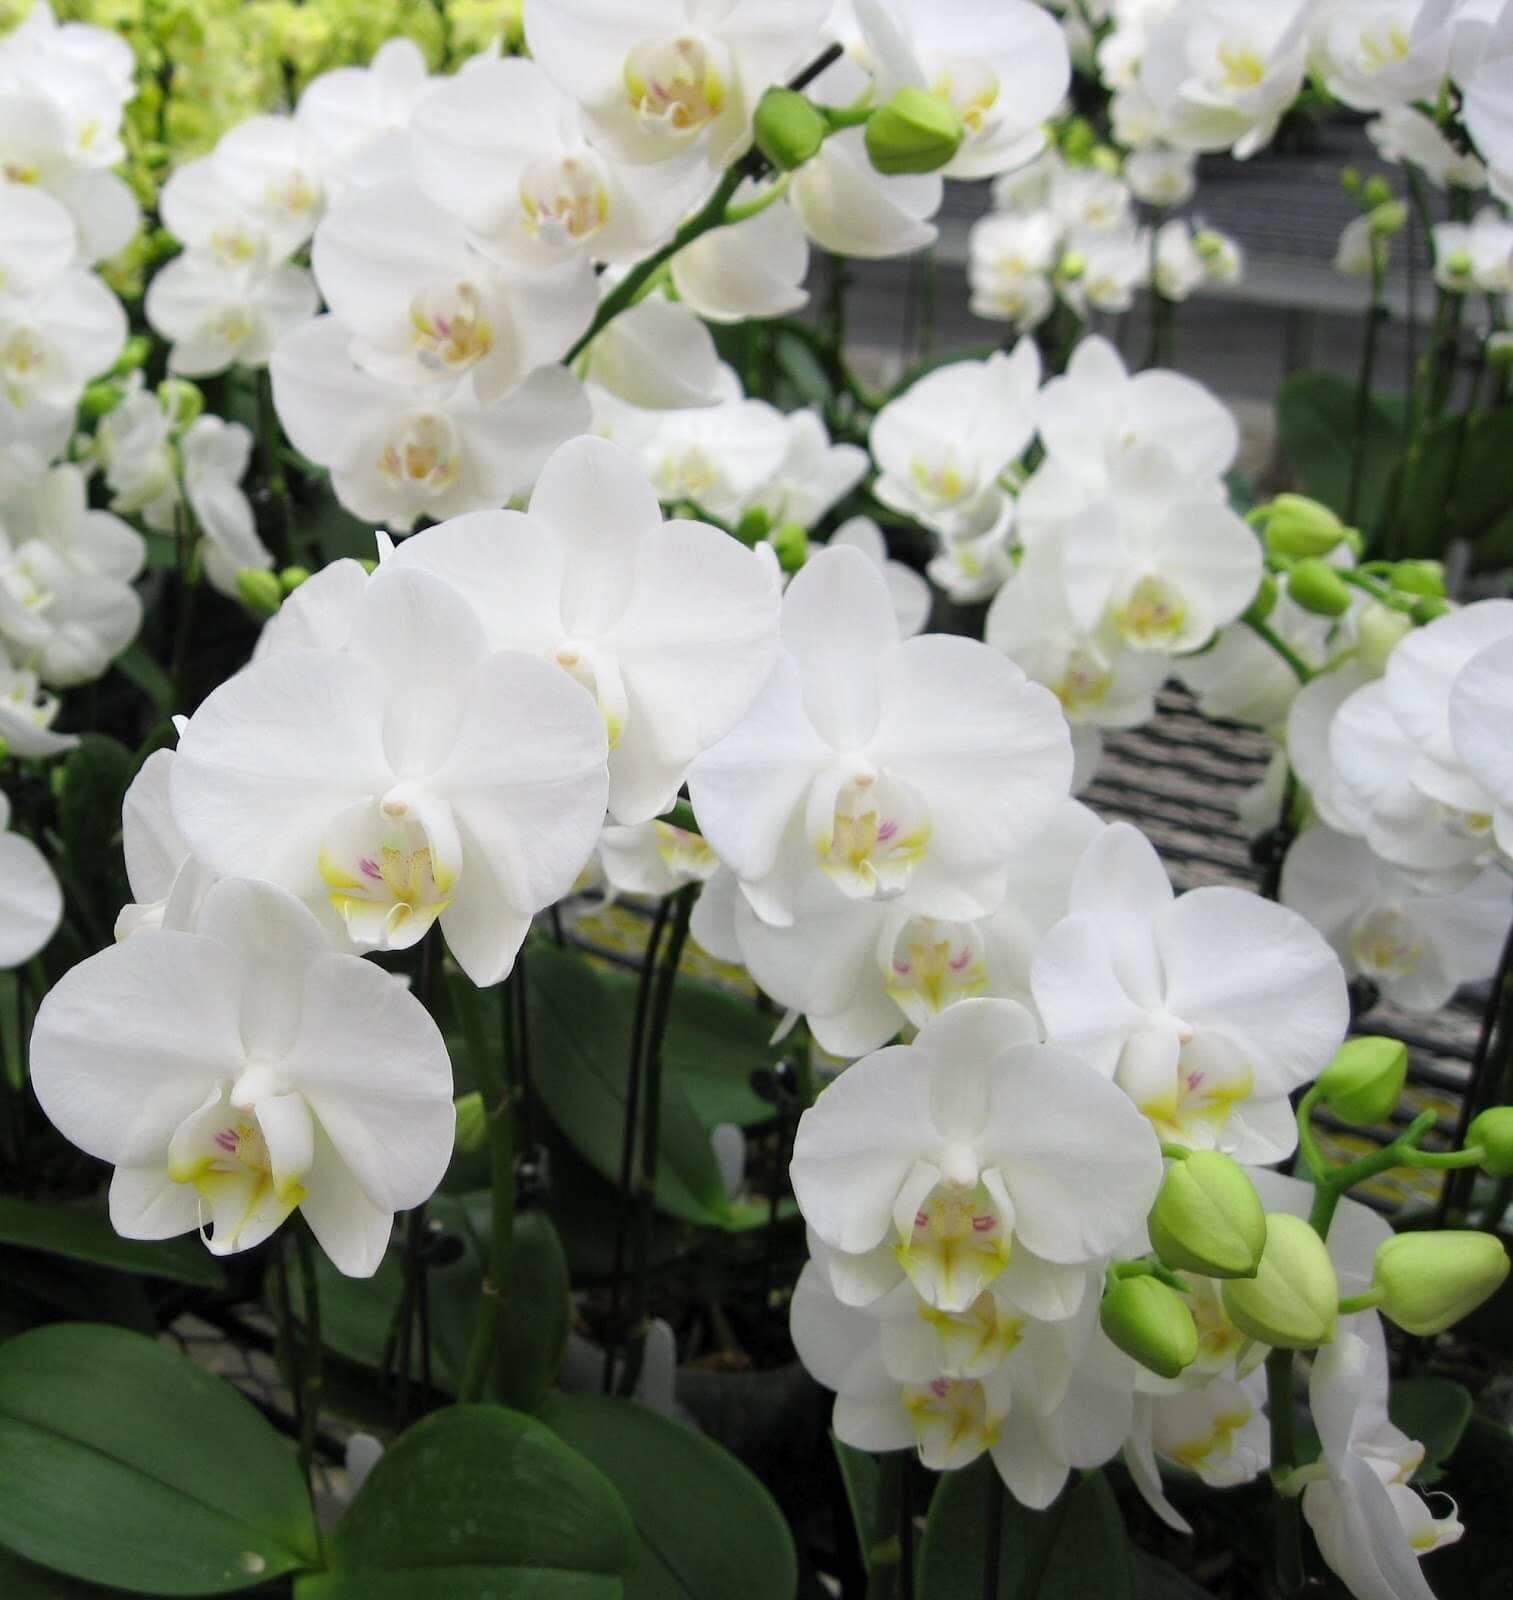 Розовая орхидея: основные отличия дракона, шиллера и пантеры (с белыми пятнами ) от других видов фаленопсисов с фото, как правильно сажать и ухаживать за ними